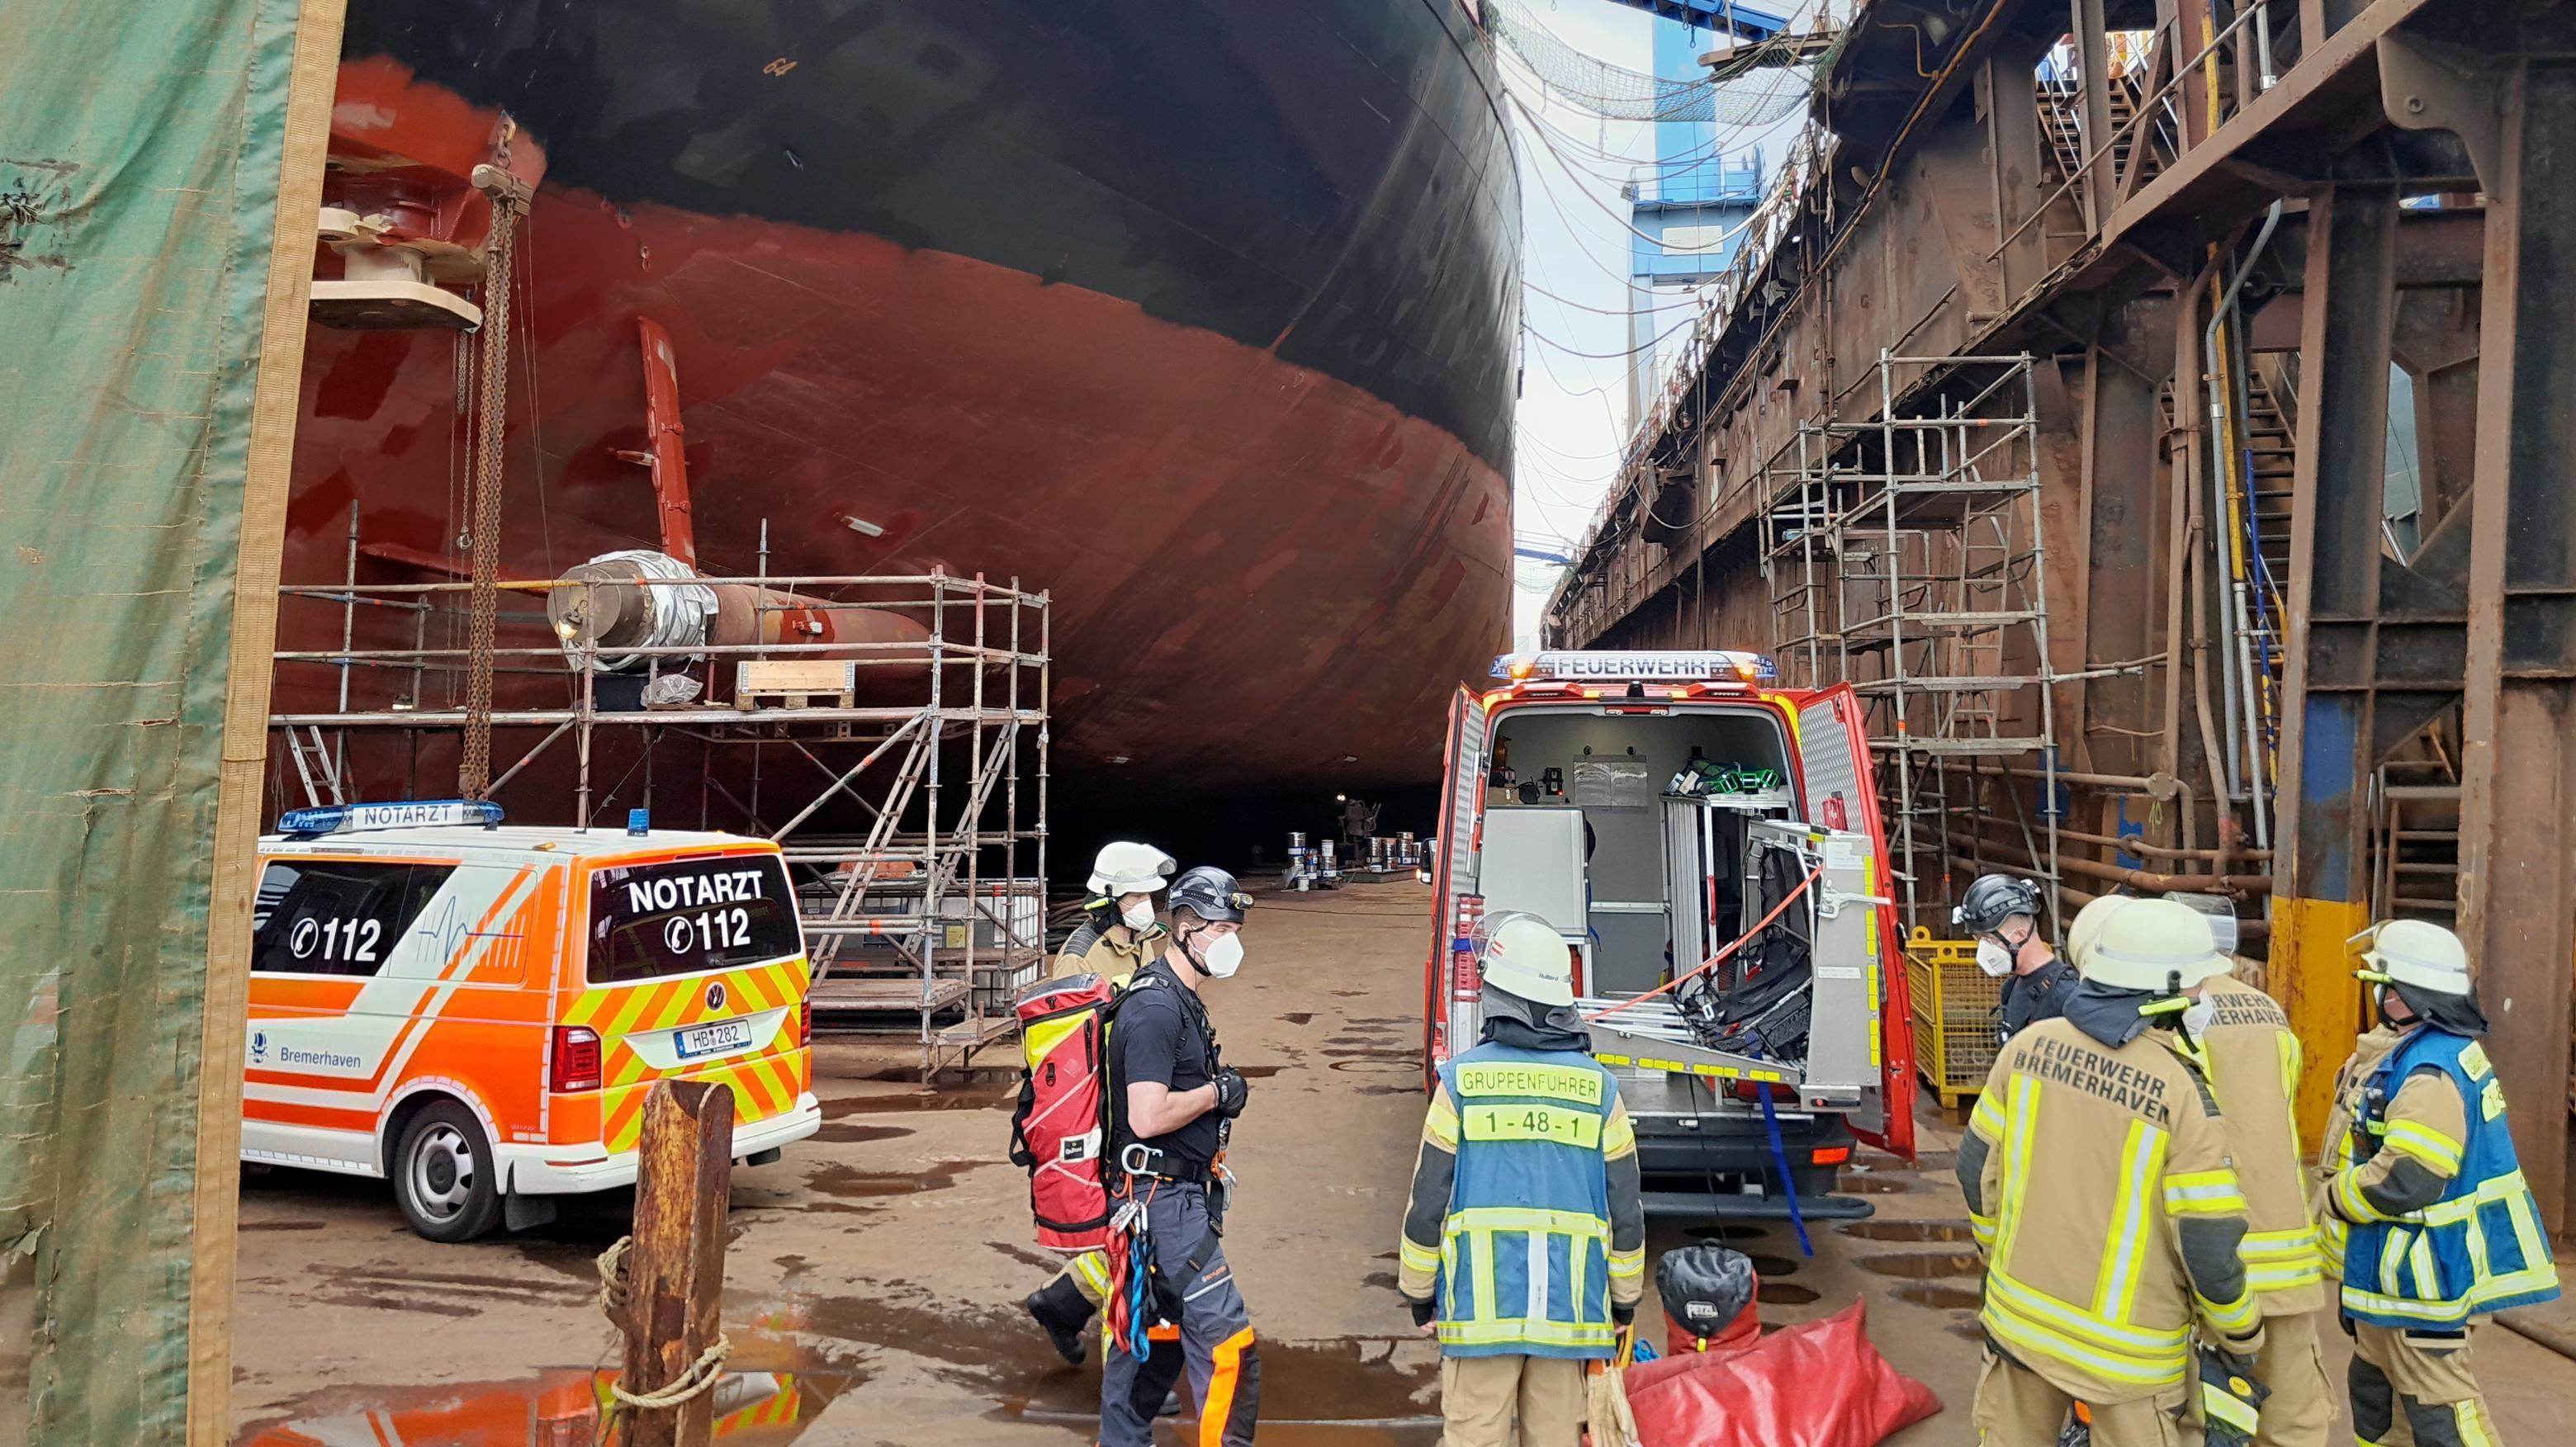 Feuerwehr Bremerhaven rettet schwer verletzten Werft-Mitarbeiter